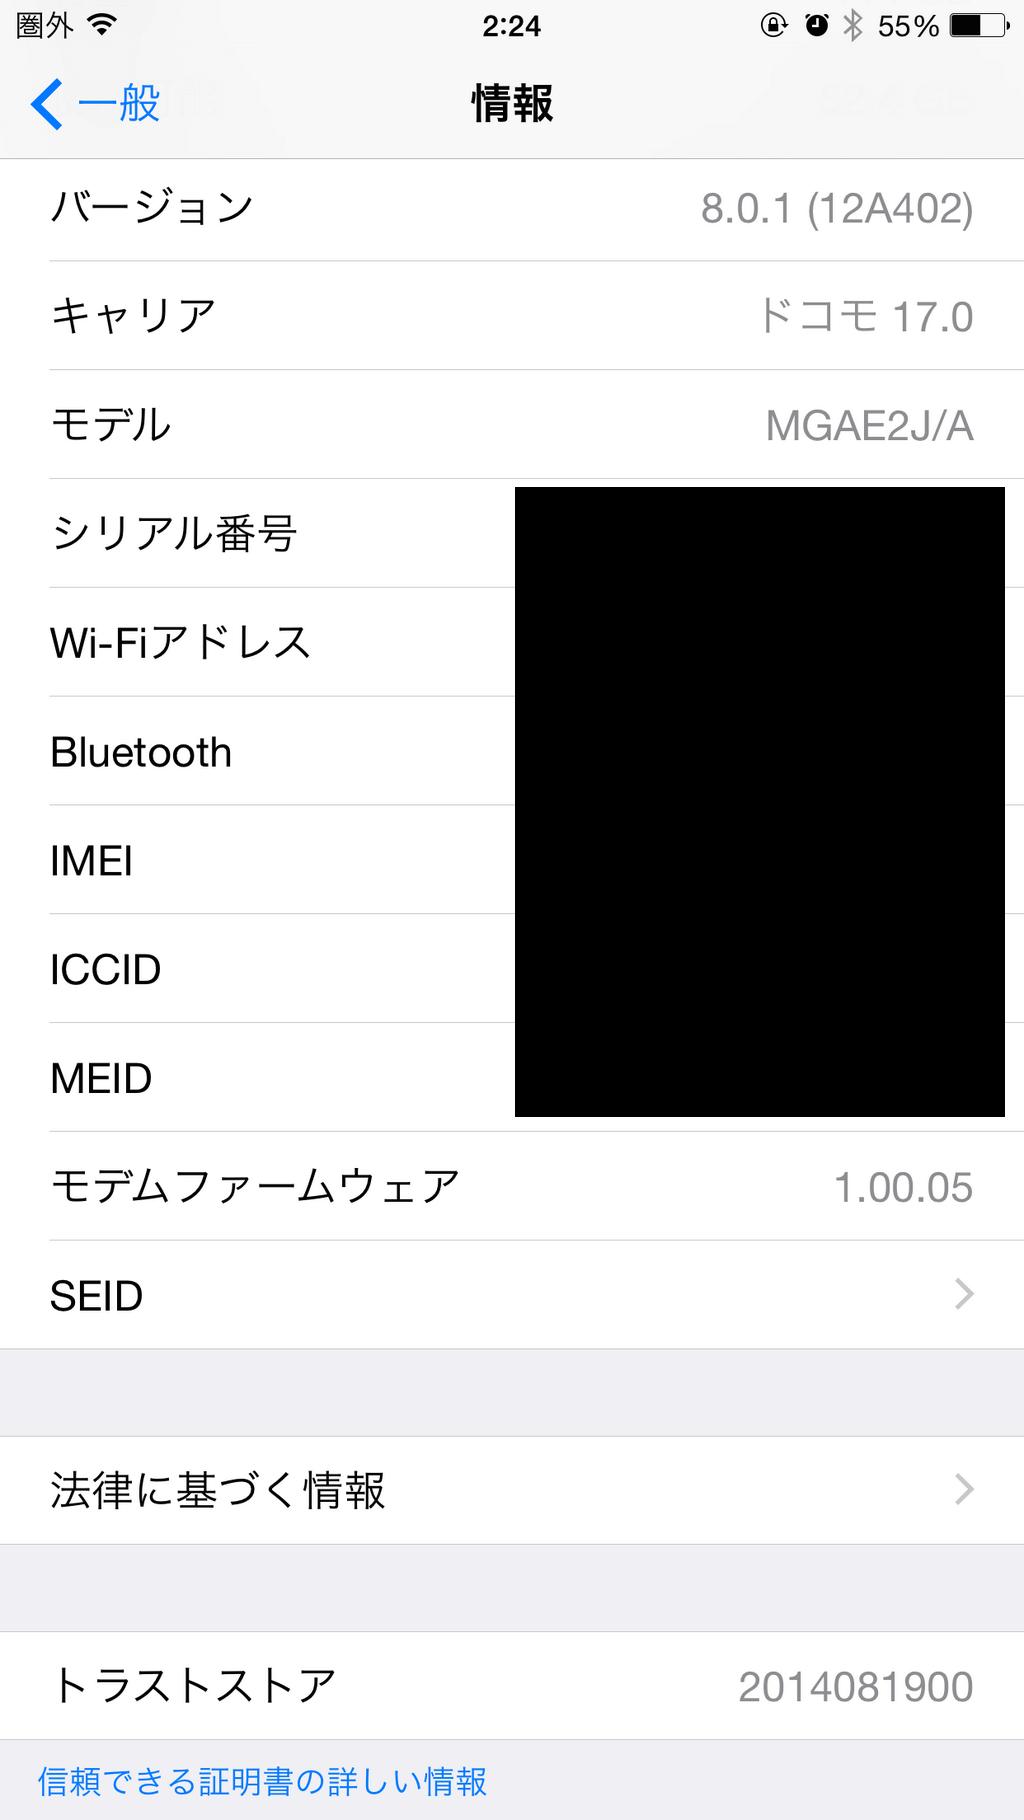 iOS 8.0.1にアップデートしたら電波を拾わなくなった場合の対処法